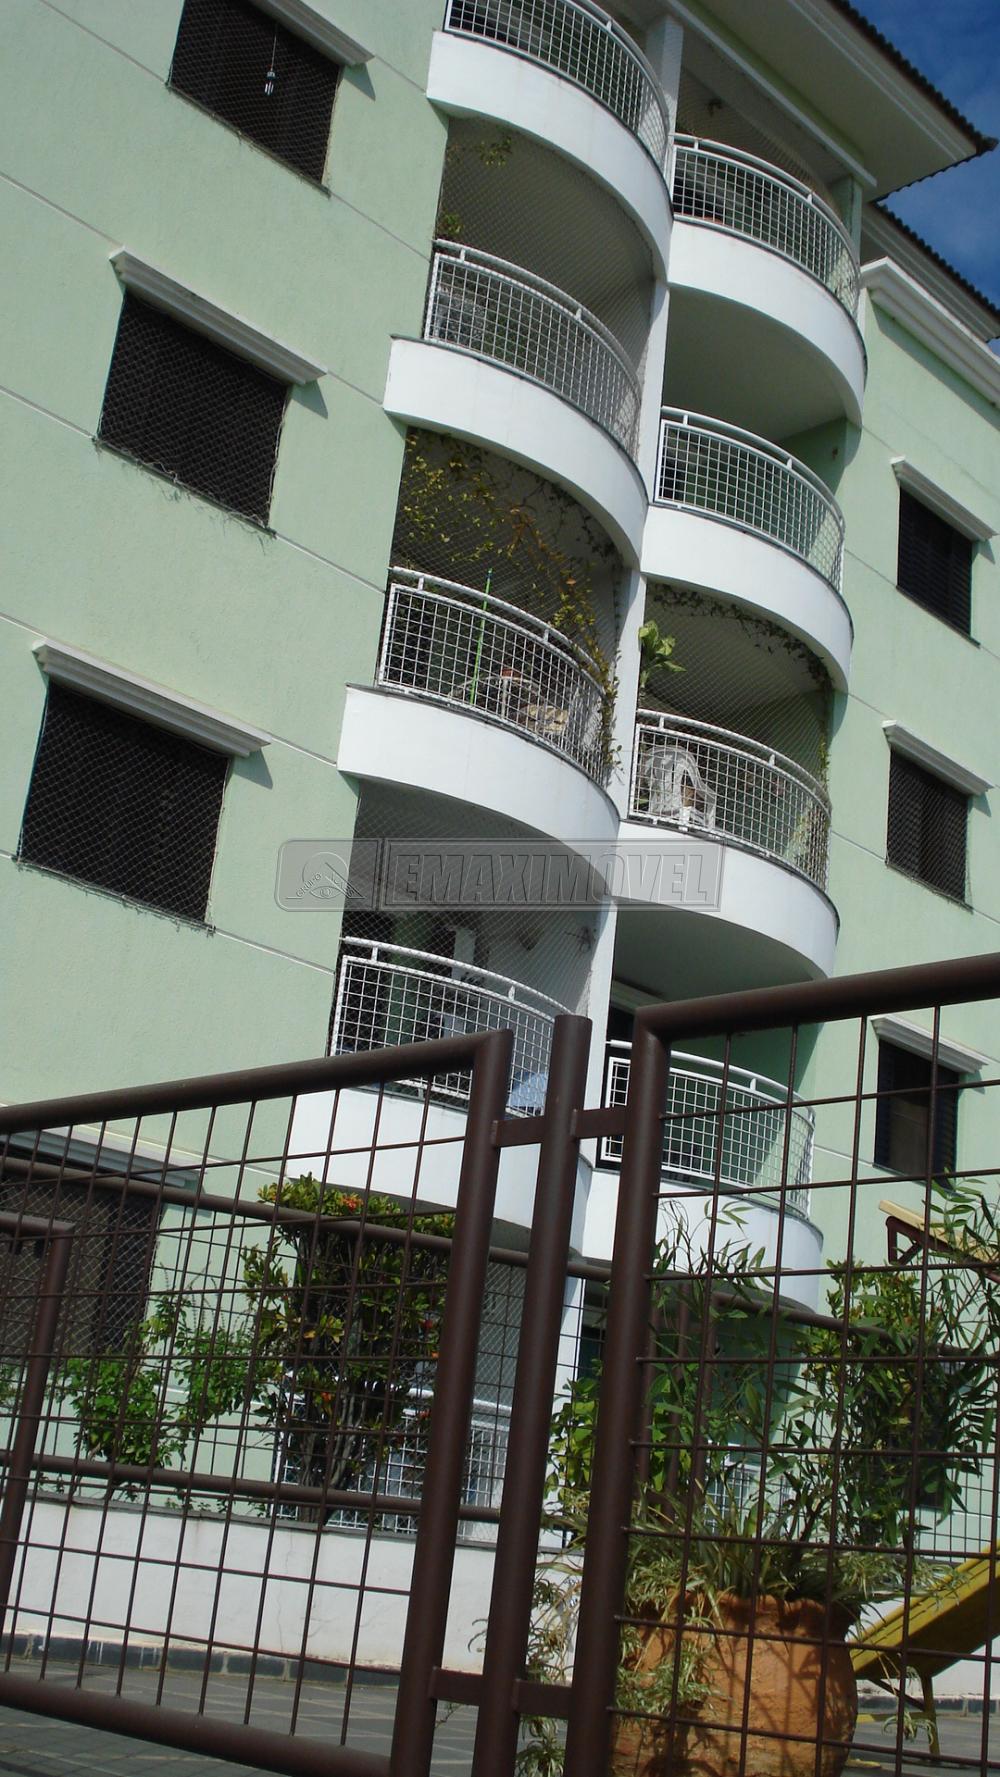 Comprar Apartamentos / Apto Padrão em Sorocaba apenas R$ 450.000,00 - Foto 1